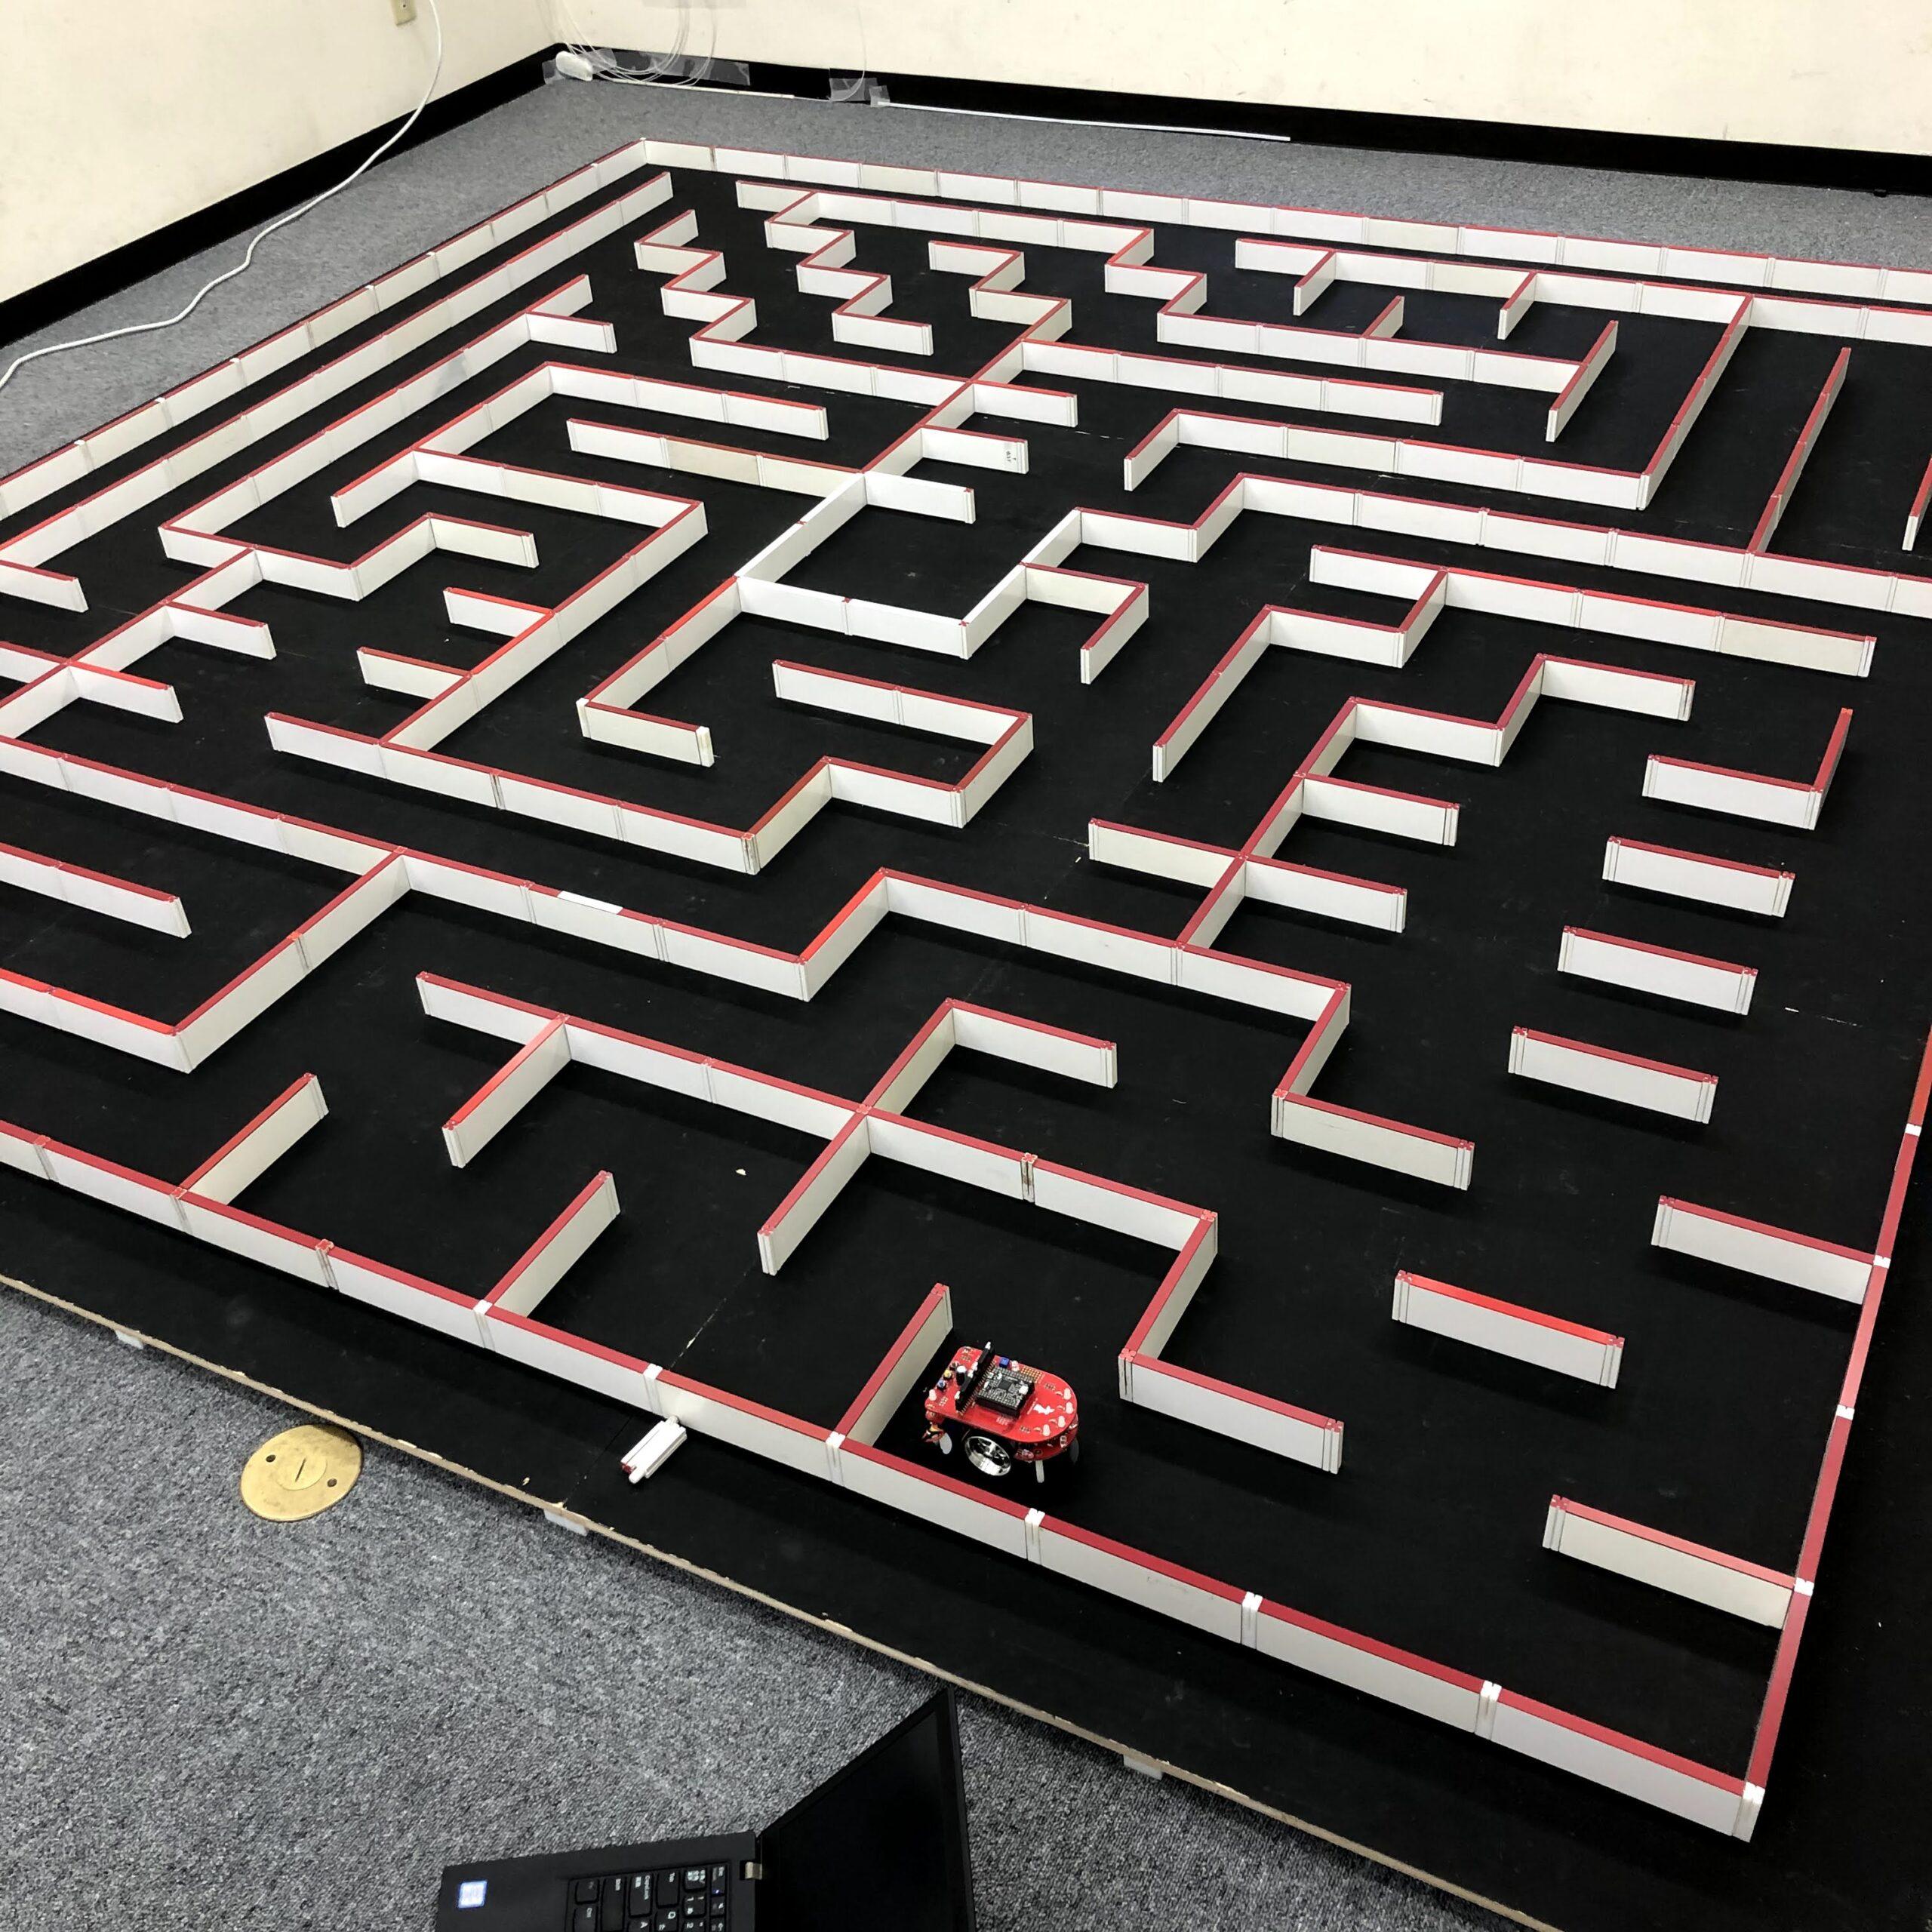 マイクロマウスのクラシックマウス競技のフルサイズ迷路